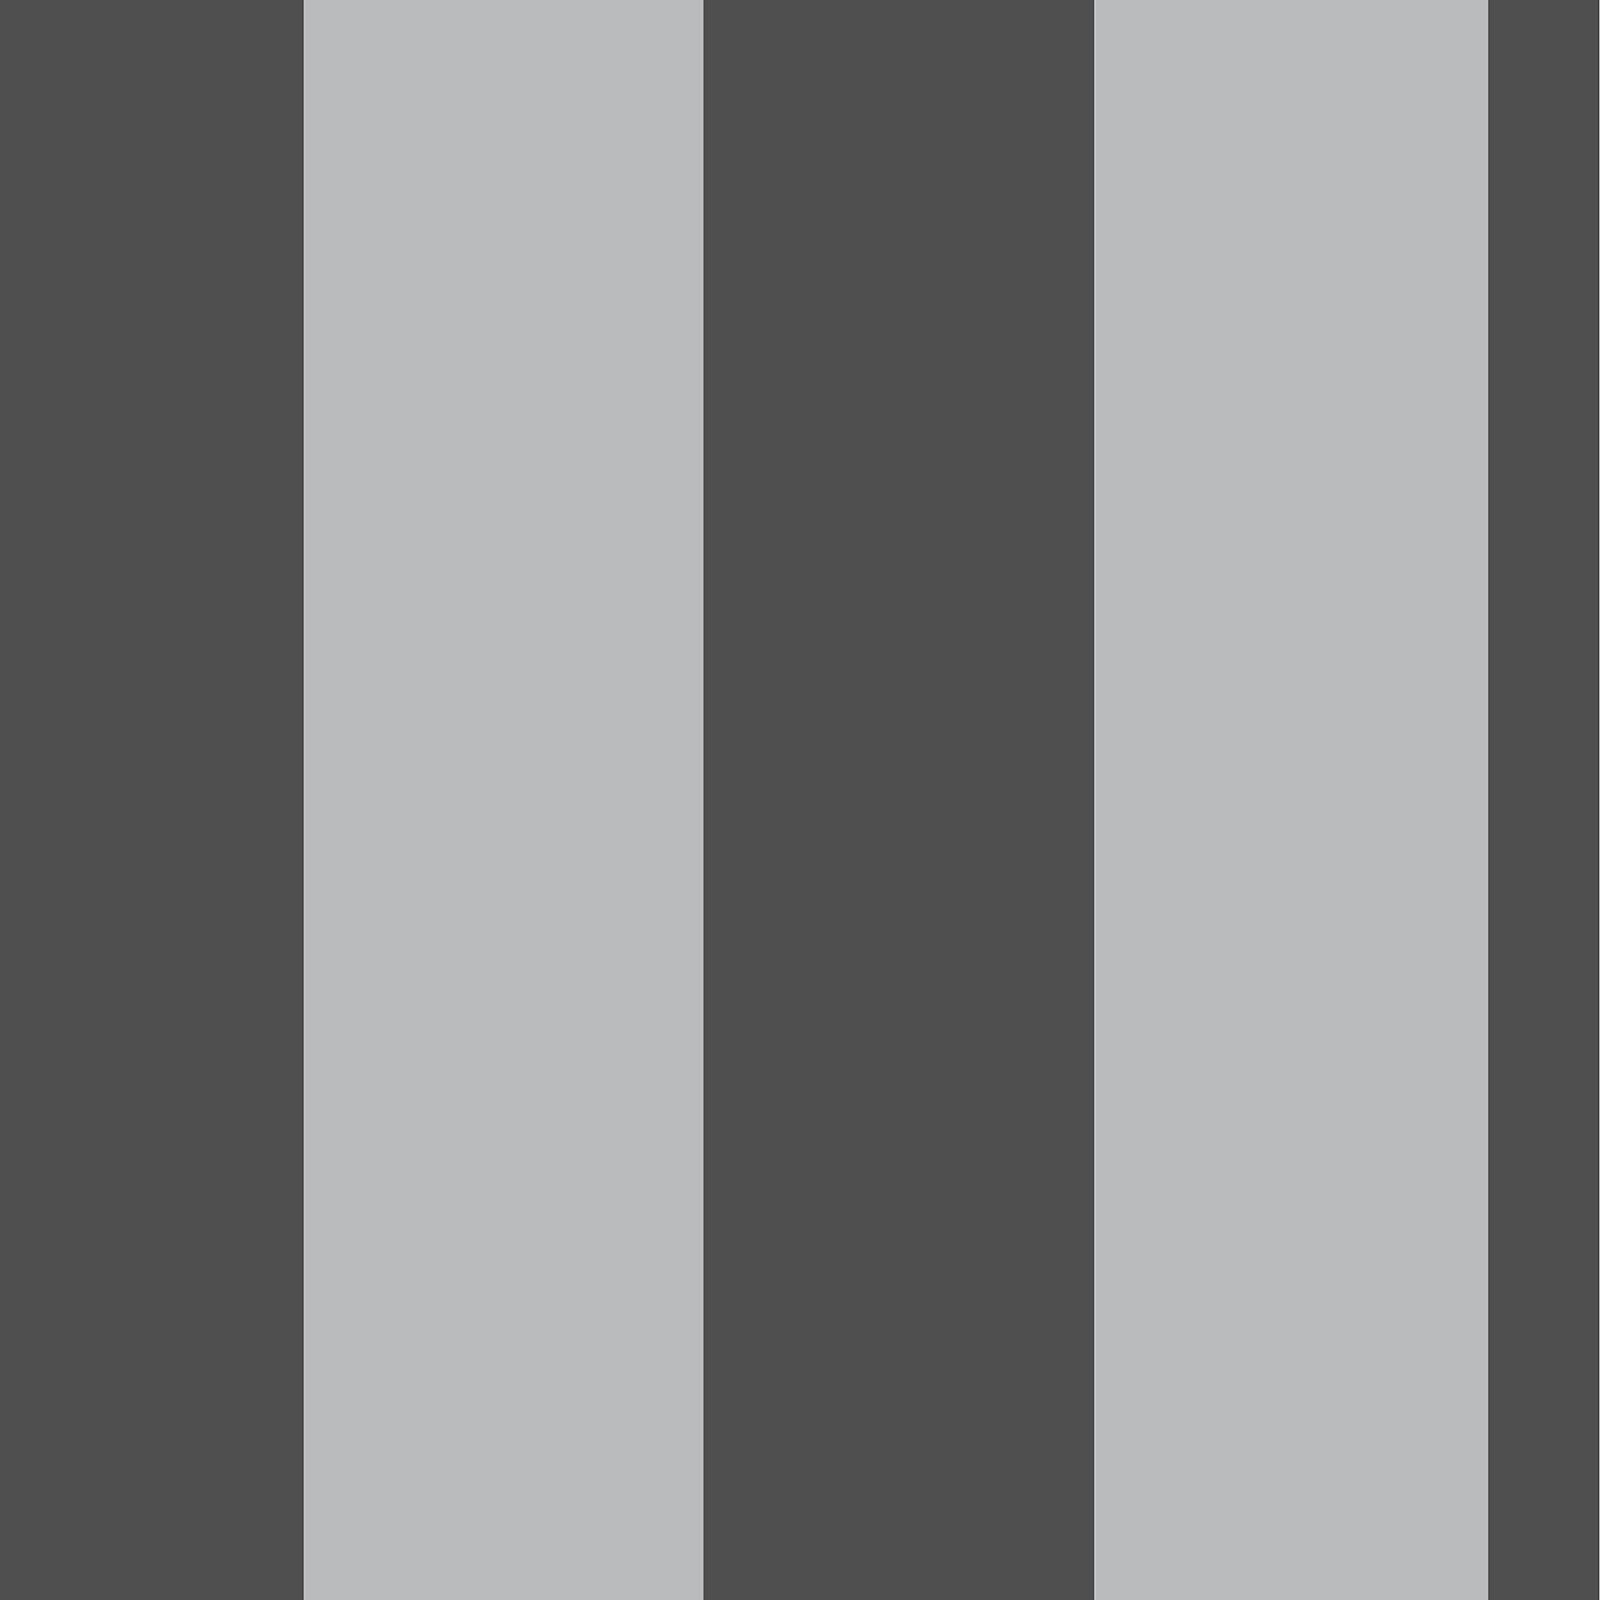 Streifen tapete schwarz silber rasch 286922 neu grau for Tapete schwarz grau